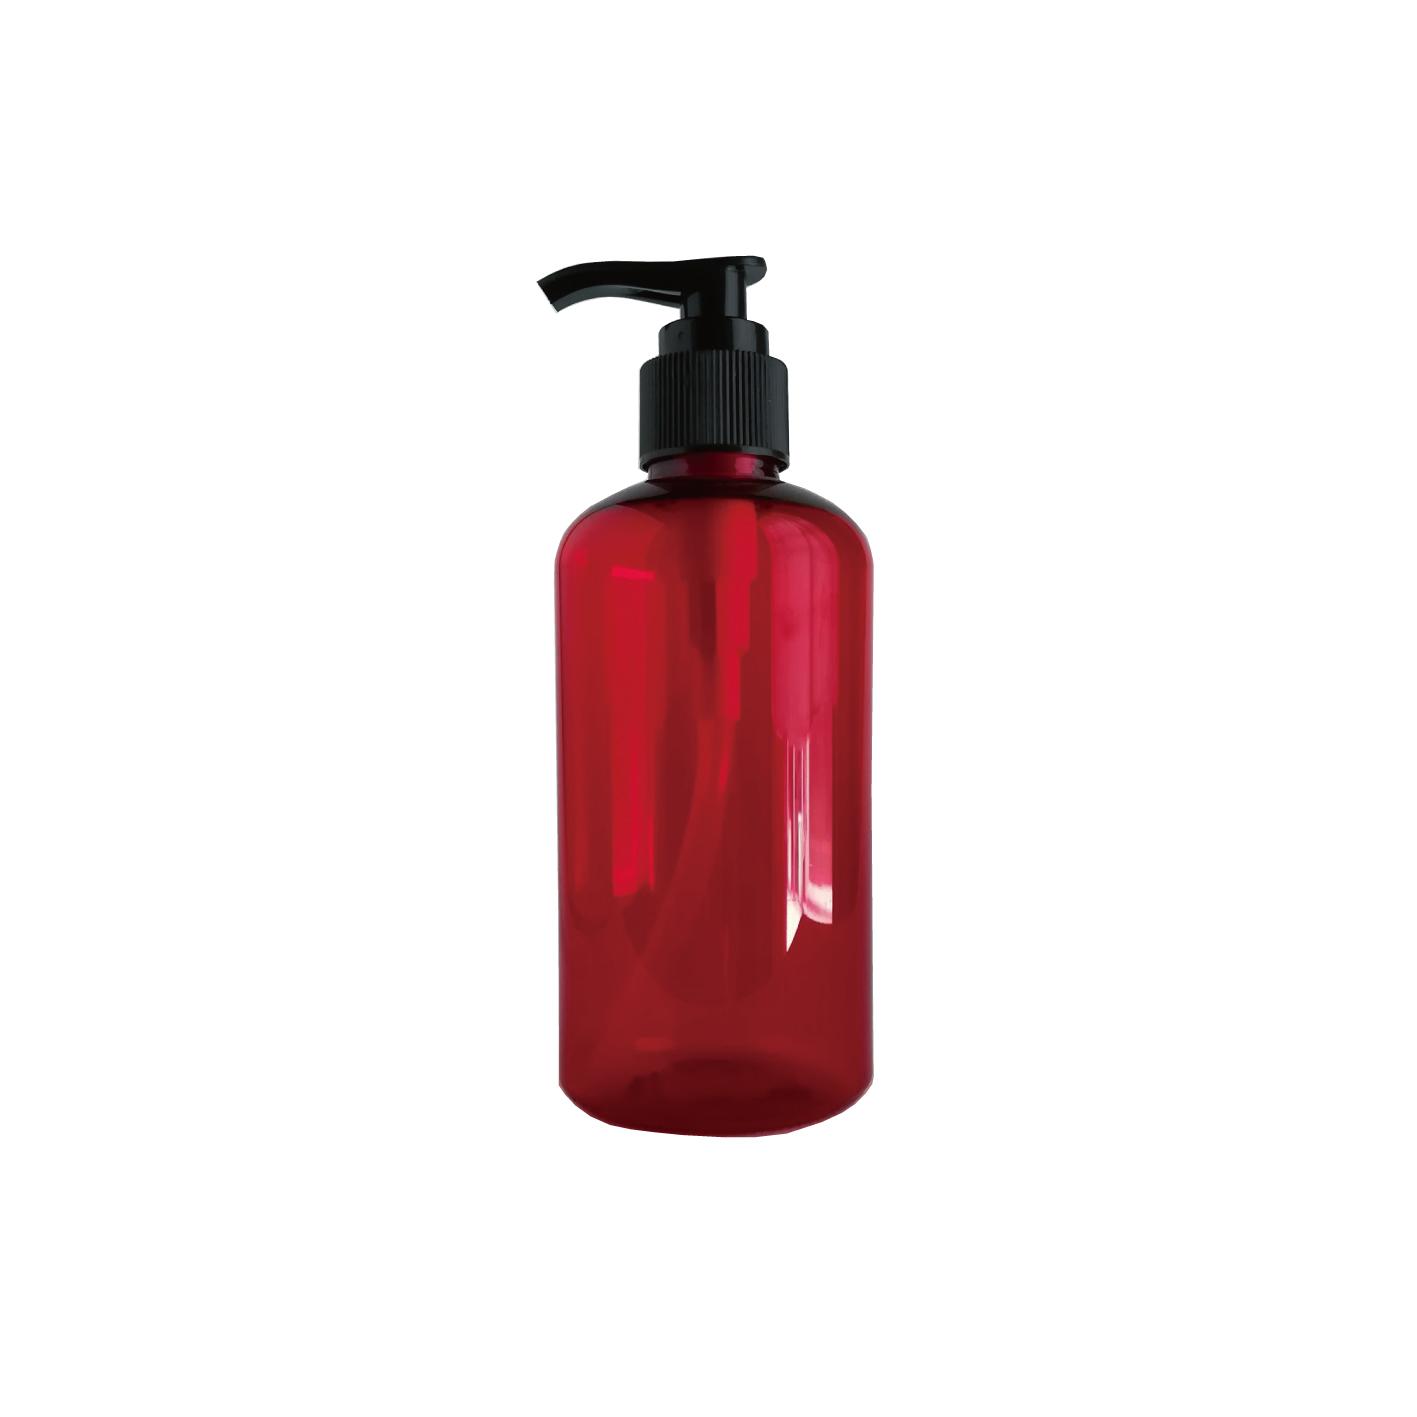 200ml ポンプ付き遮光ボトル(赤)